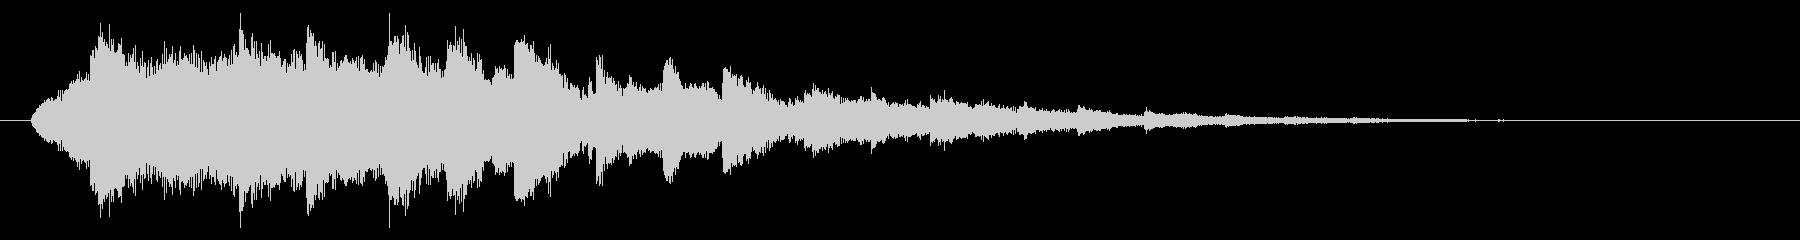 ベル系☆パソコン起動音風ジングル 3の未再生の波形